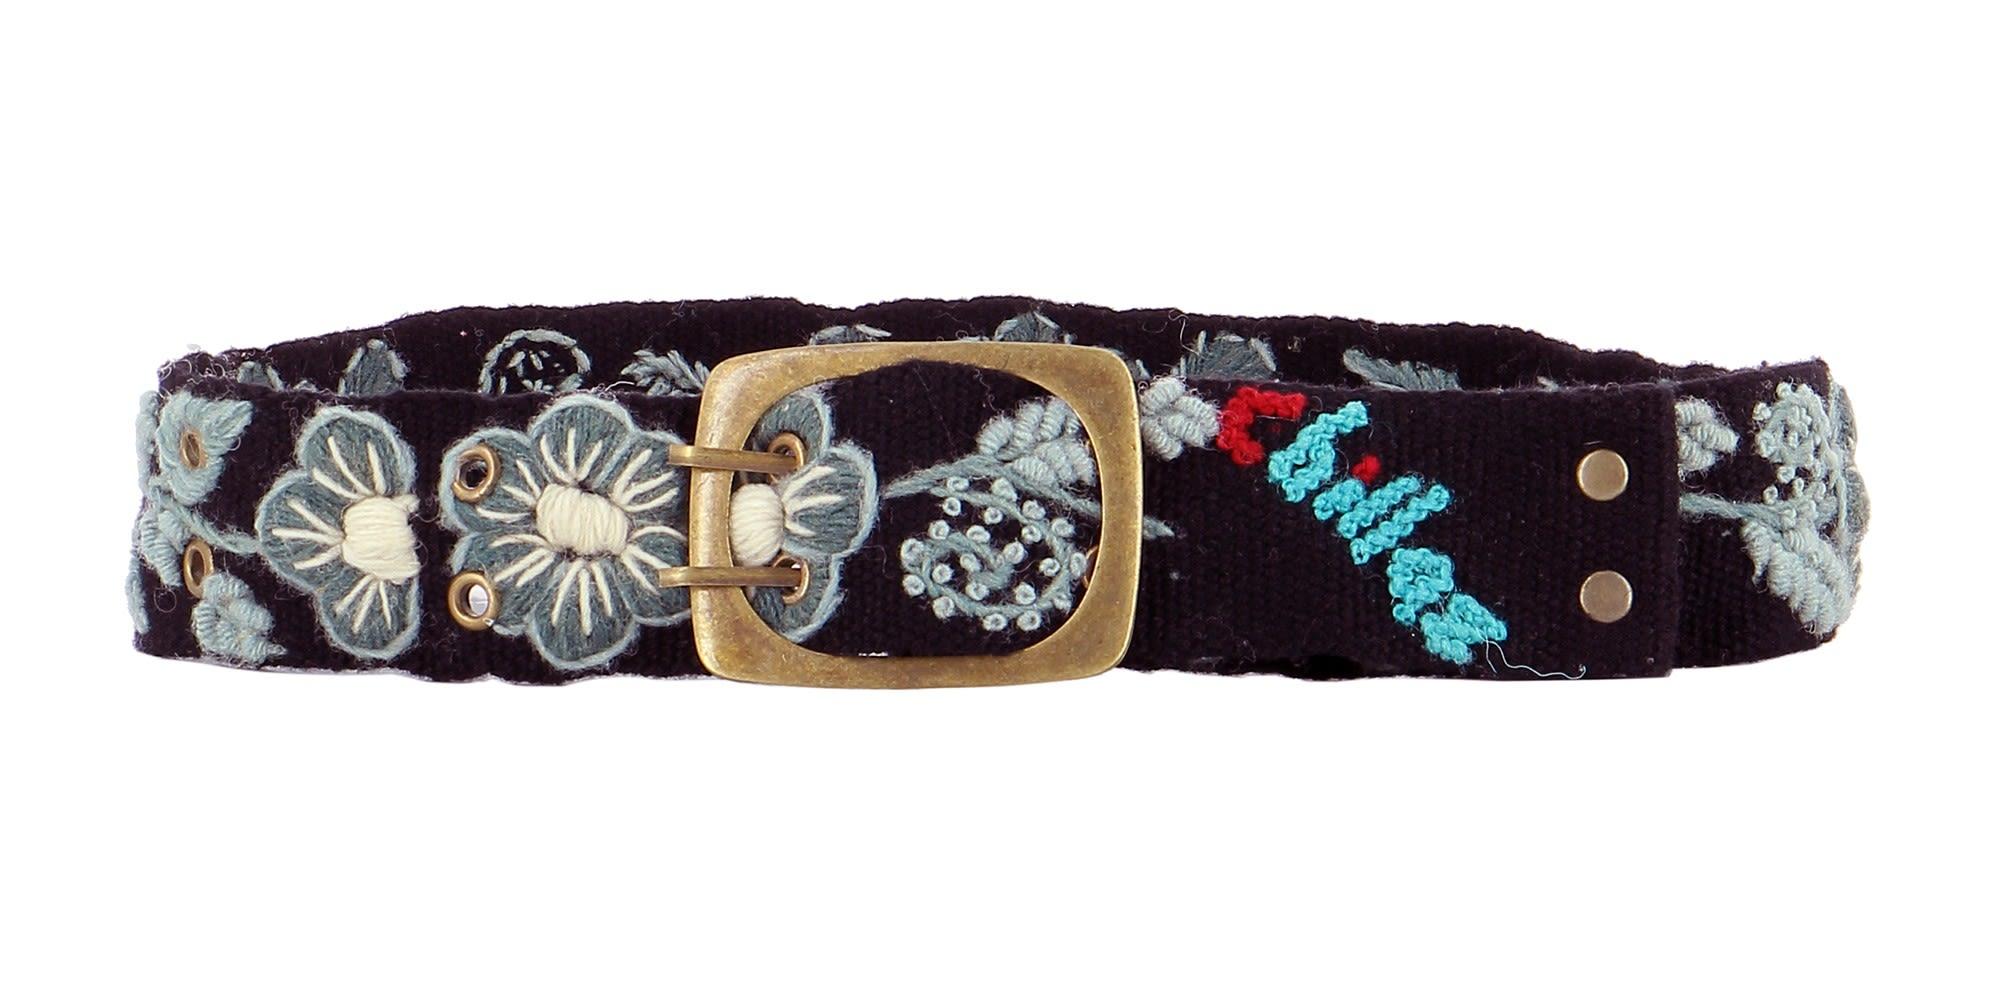 Chillaz Cinturón Alpamayo | Größe S,M |  Gürtel